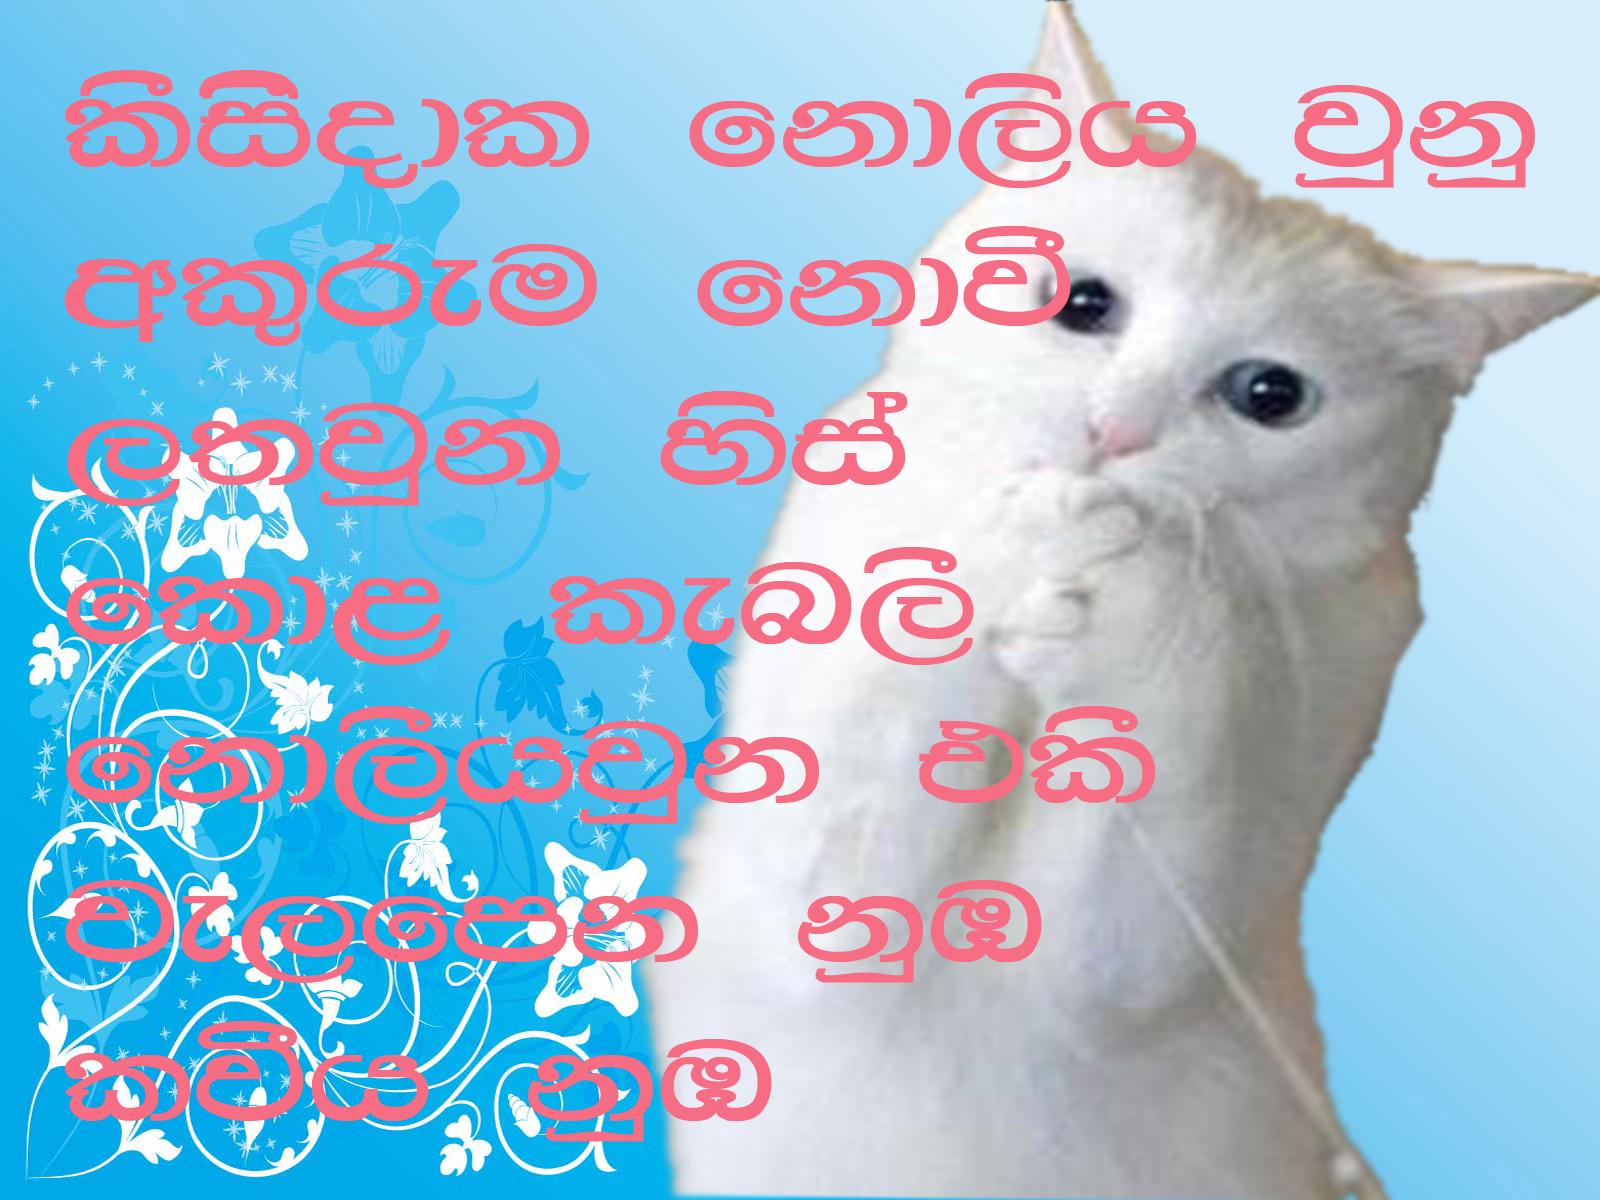 Love+Poem+Sinhala Sinhala Poem: August 2011